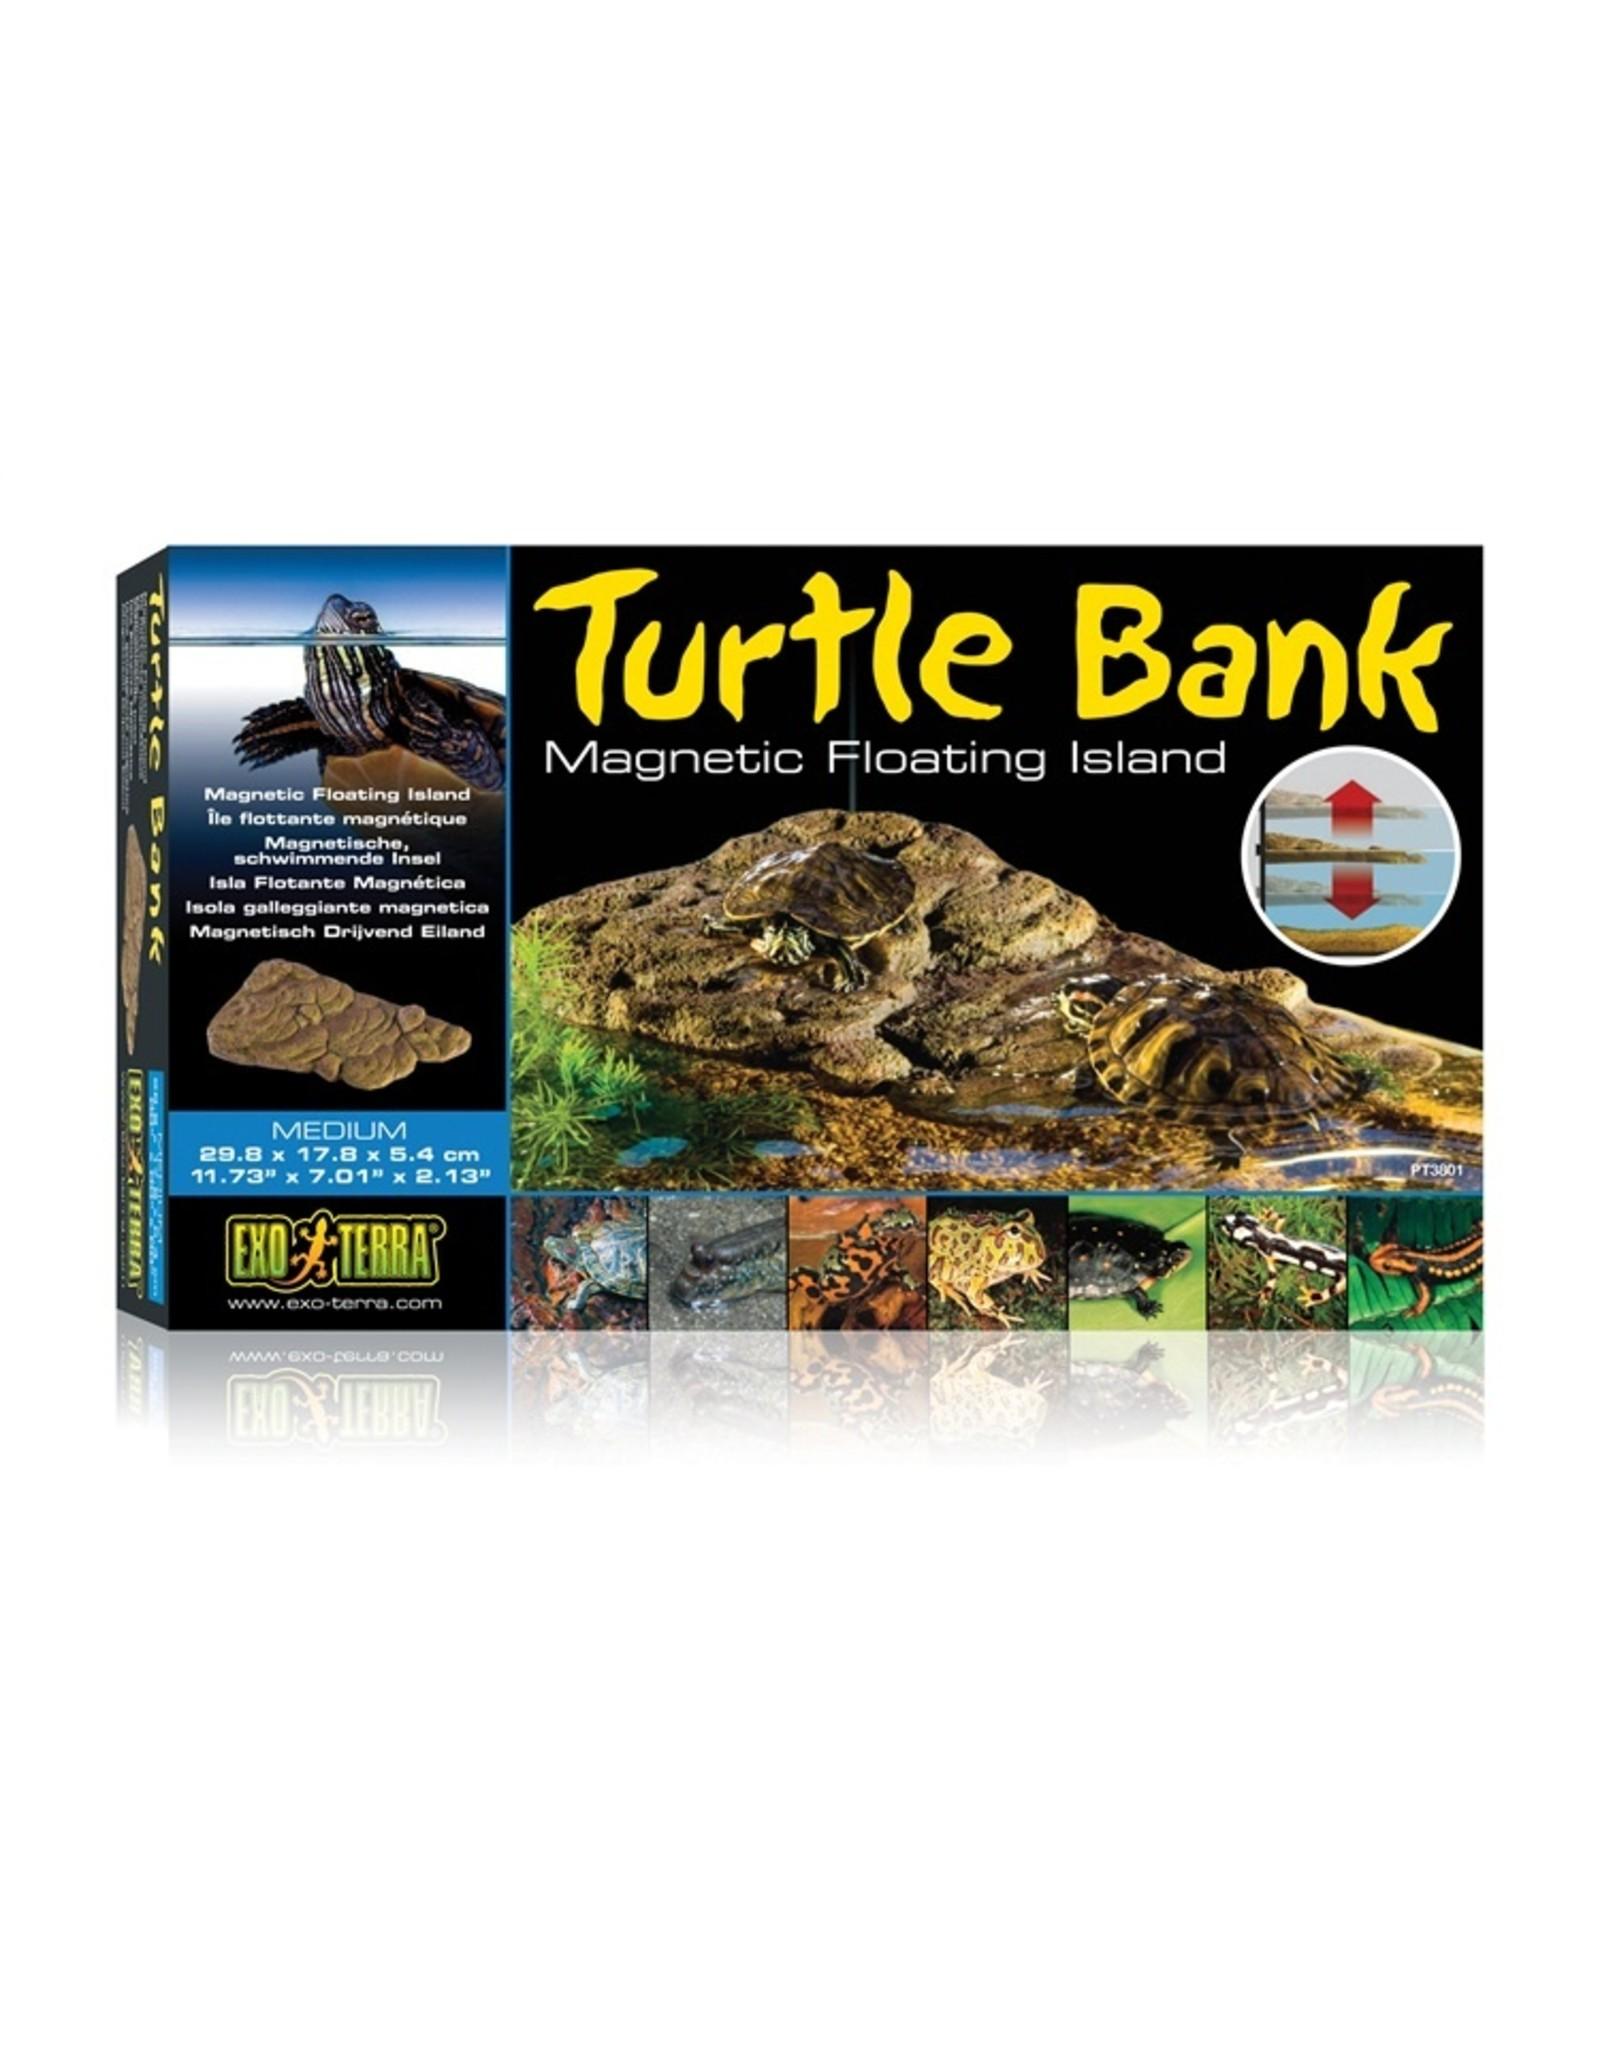 Exo Terra EXO TERRA Turtle Bank